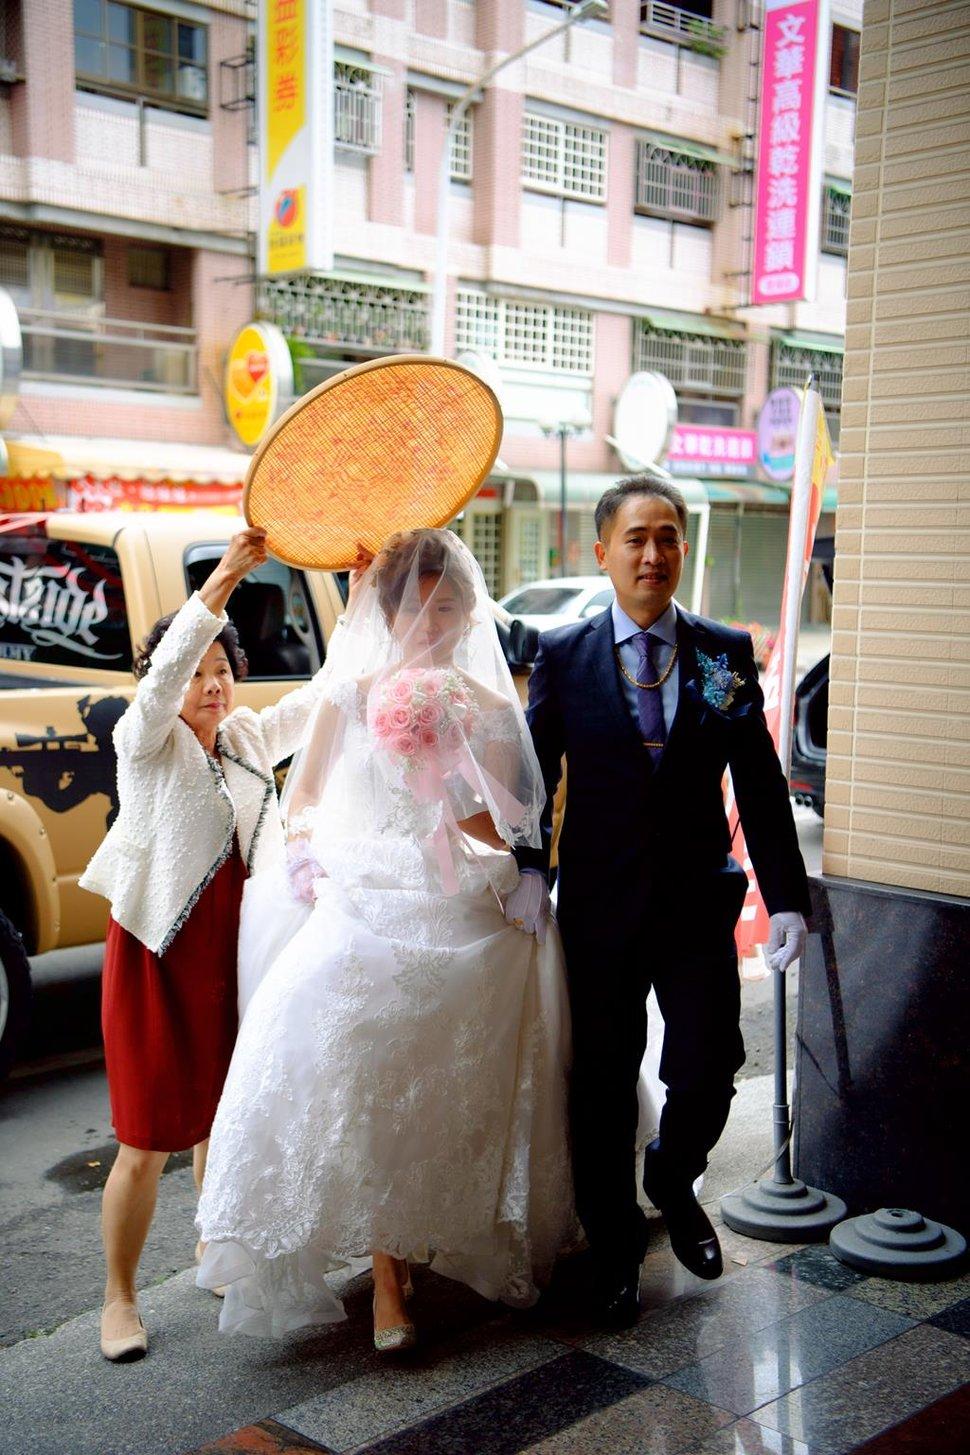 書孟&逸琳婚禮紀實-2-27 - 幸福先生攝影團隊  (全職攝影師)《結婚吧》